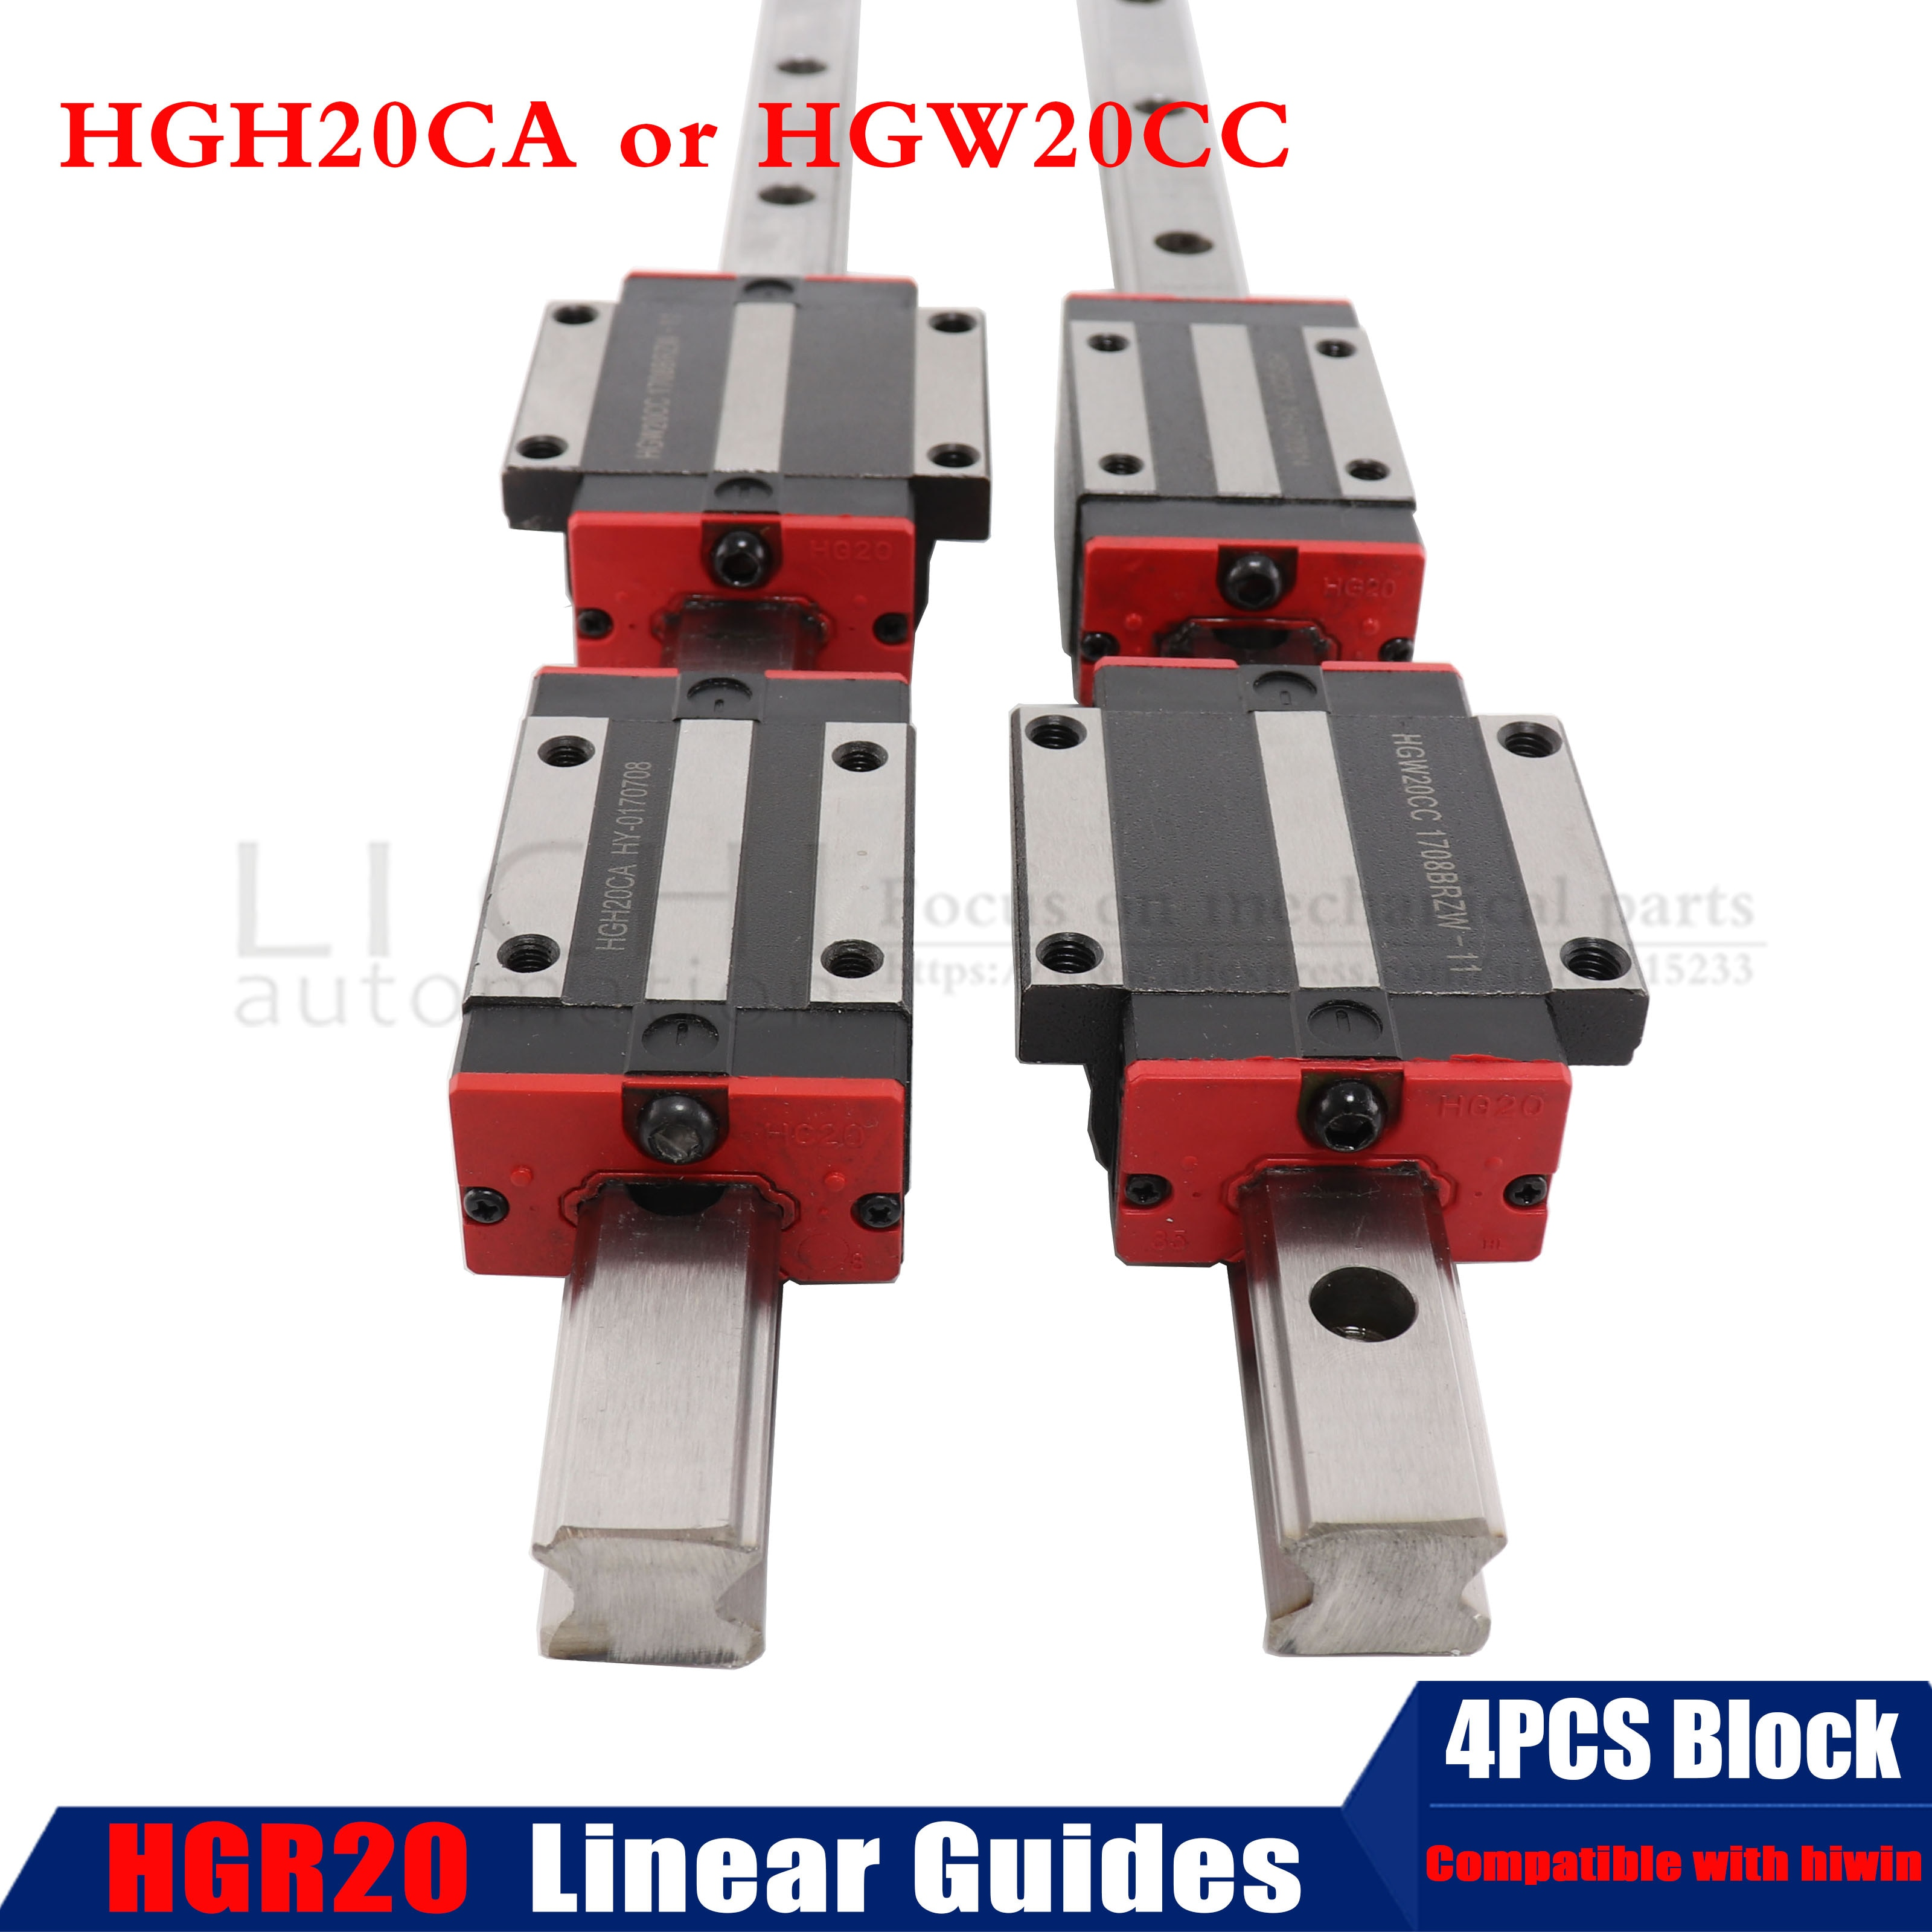 2 قطعة HGH20 مربع الخطي دليل السكك الحديدية أي طول 1100-1500 مللي متر + 4 قطعة الشريحة كتلة عربات HGH20CA/HGW20CC CNC الحفر الموجه